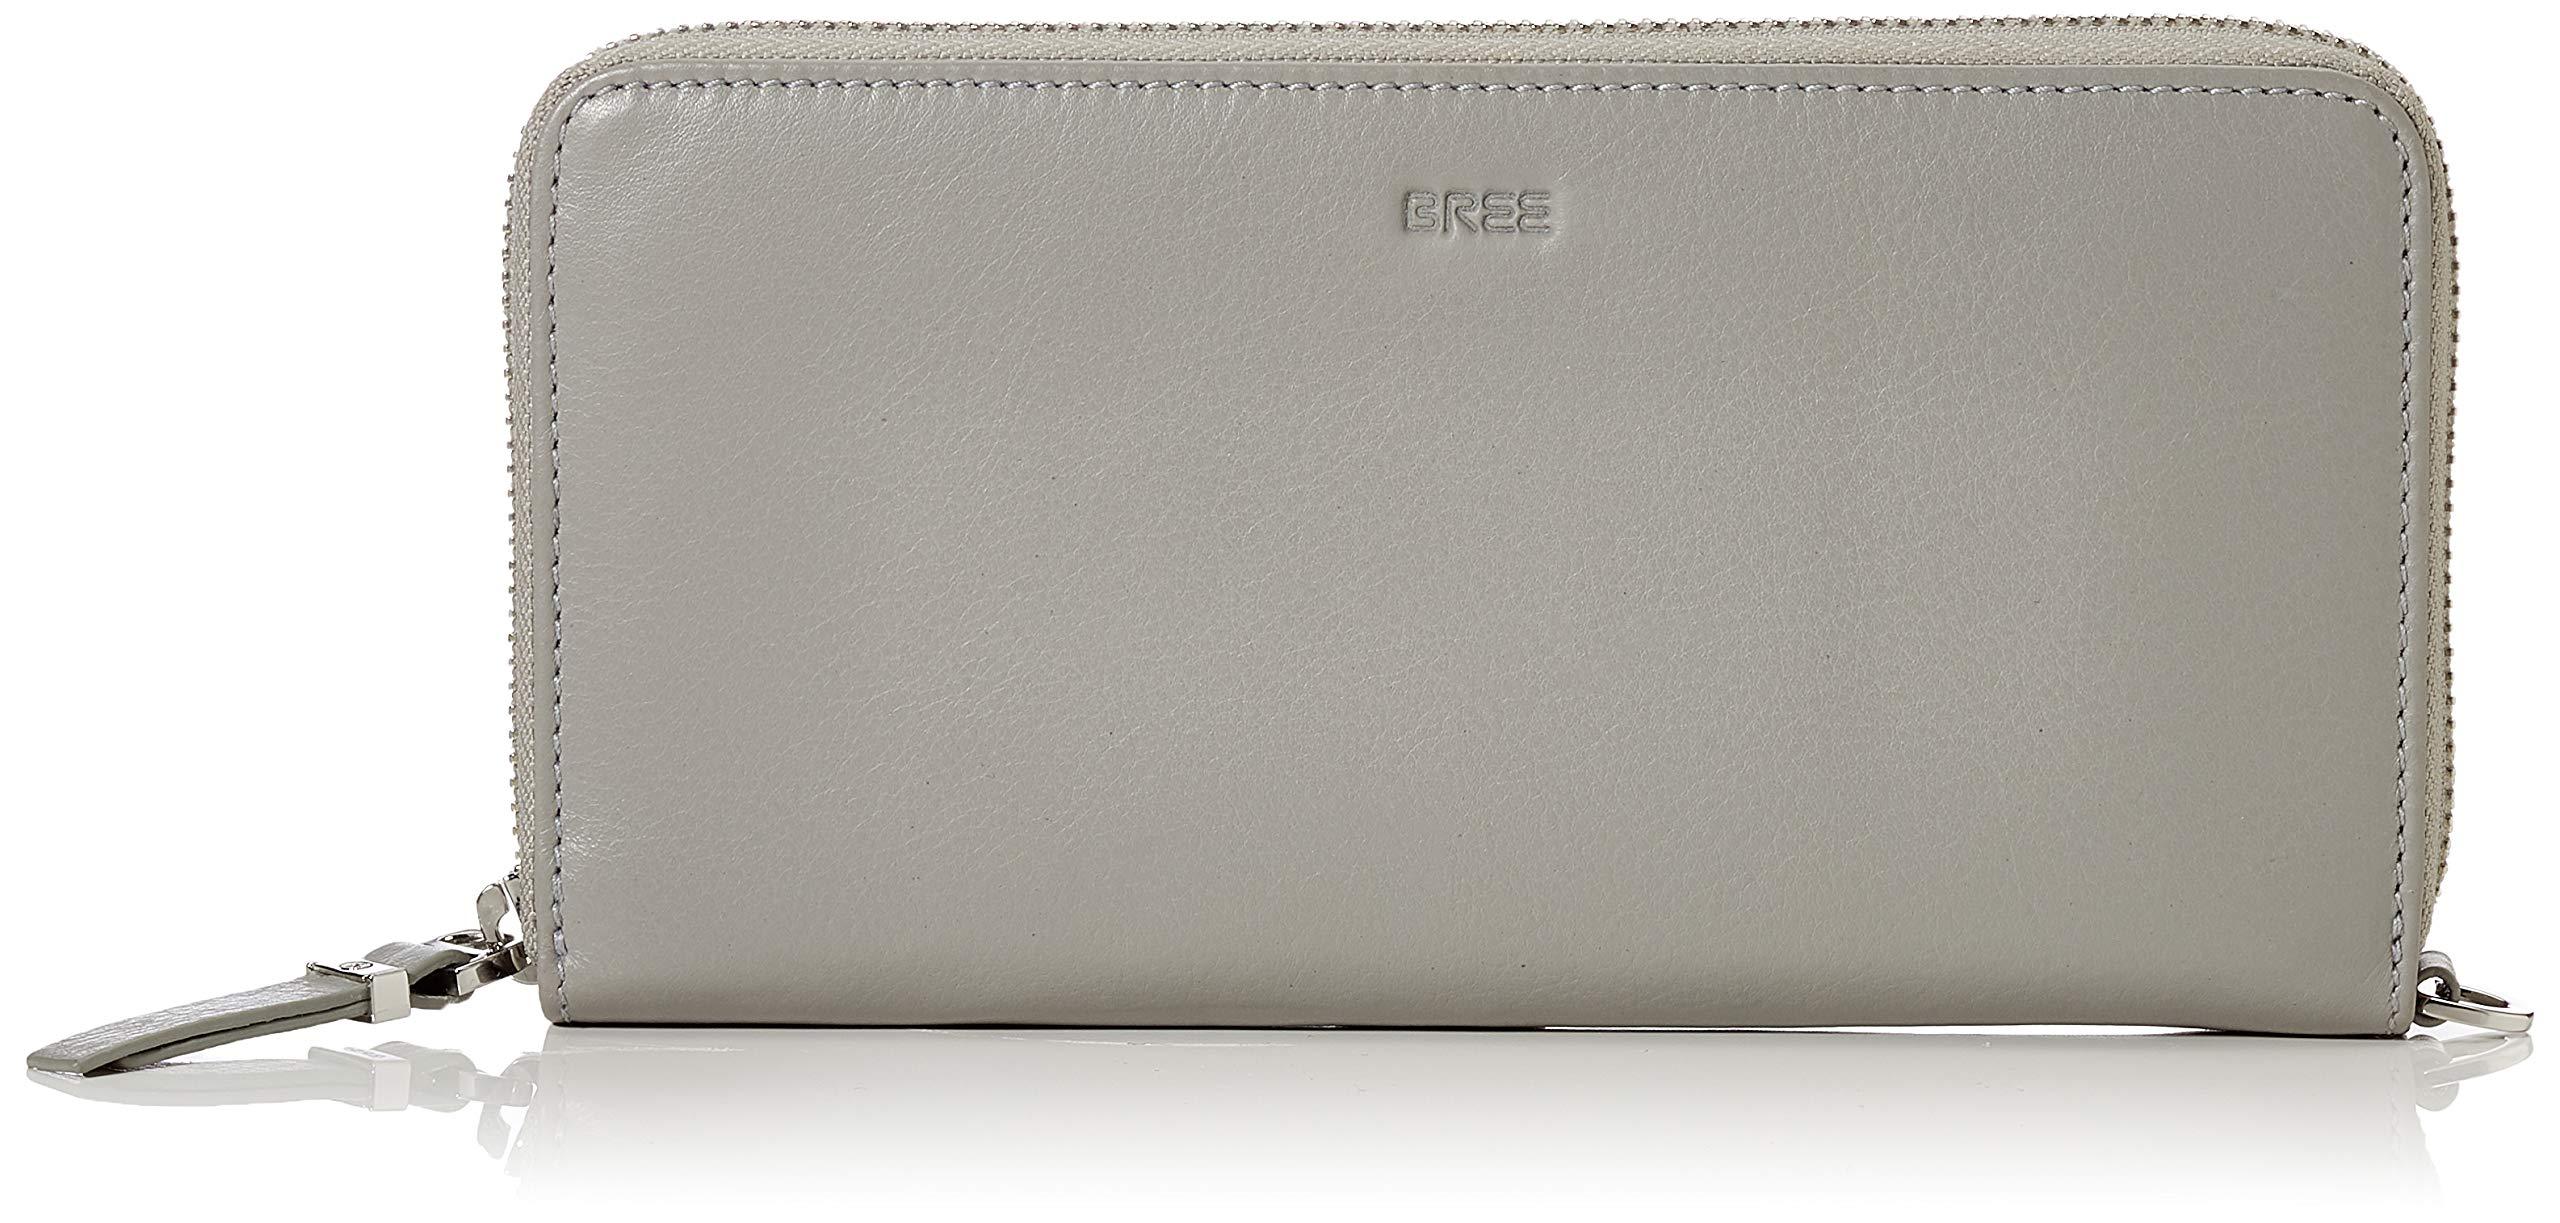 Bree Handtaschen Taschen 426***160_962 stone Grau YodL6